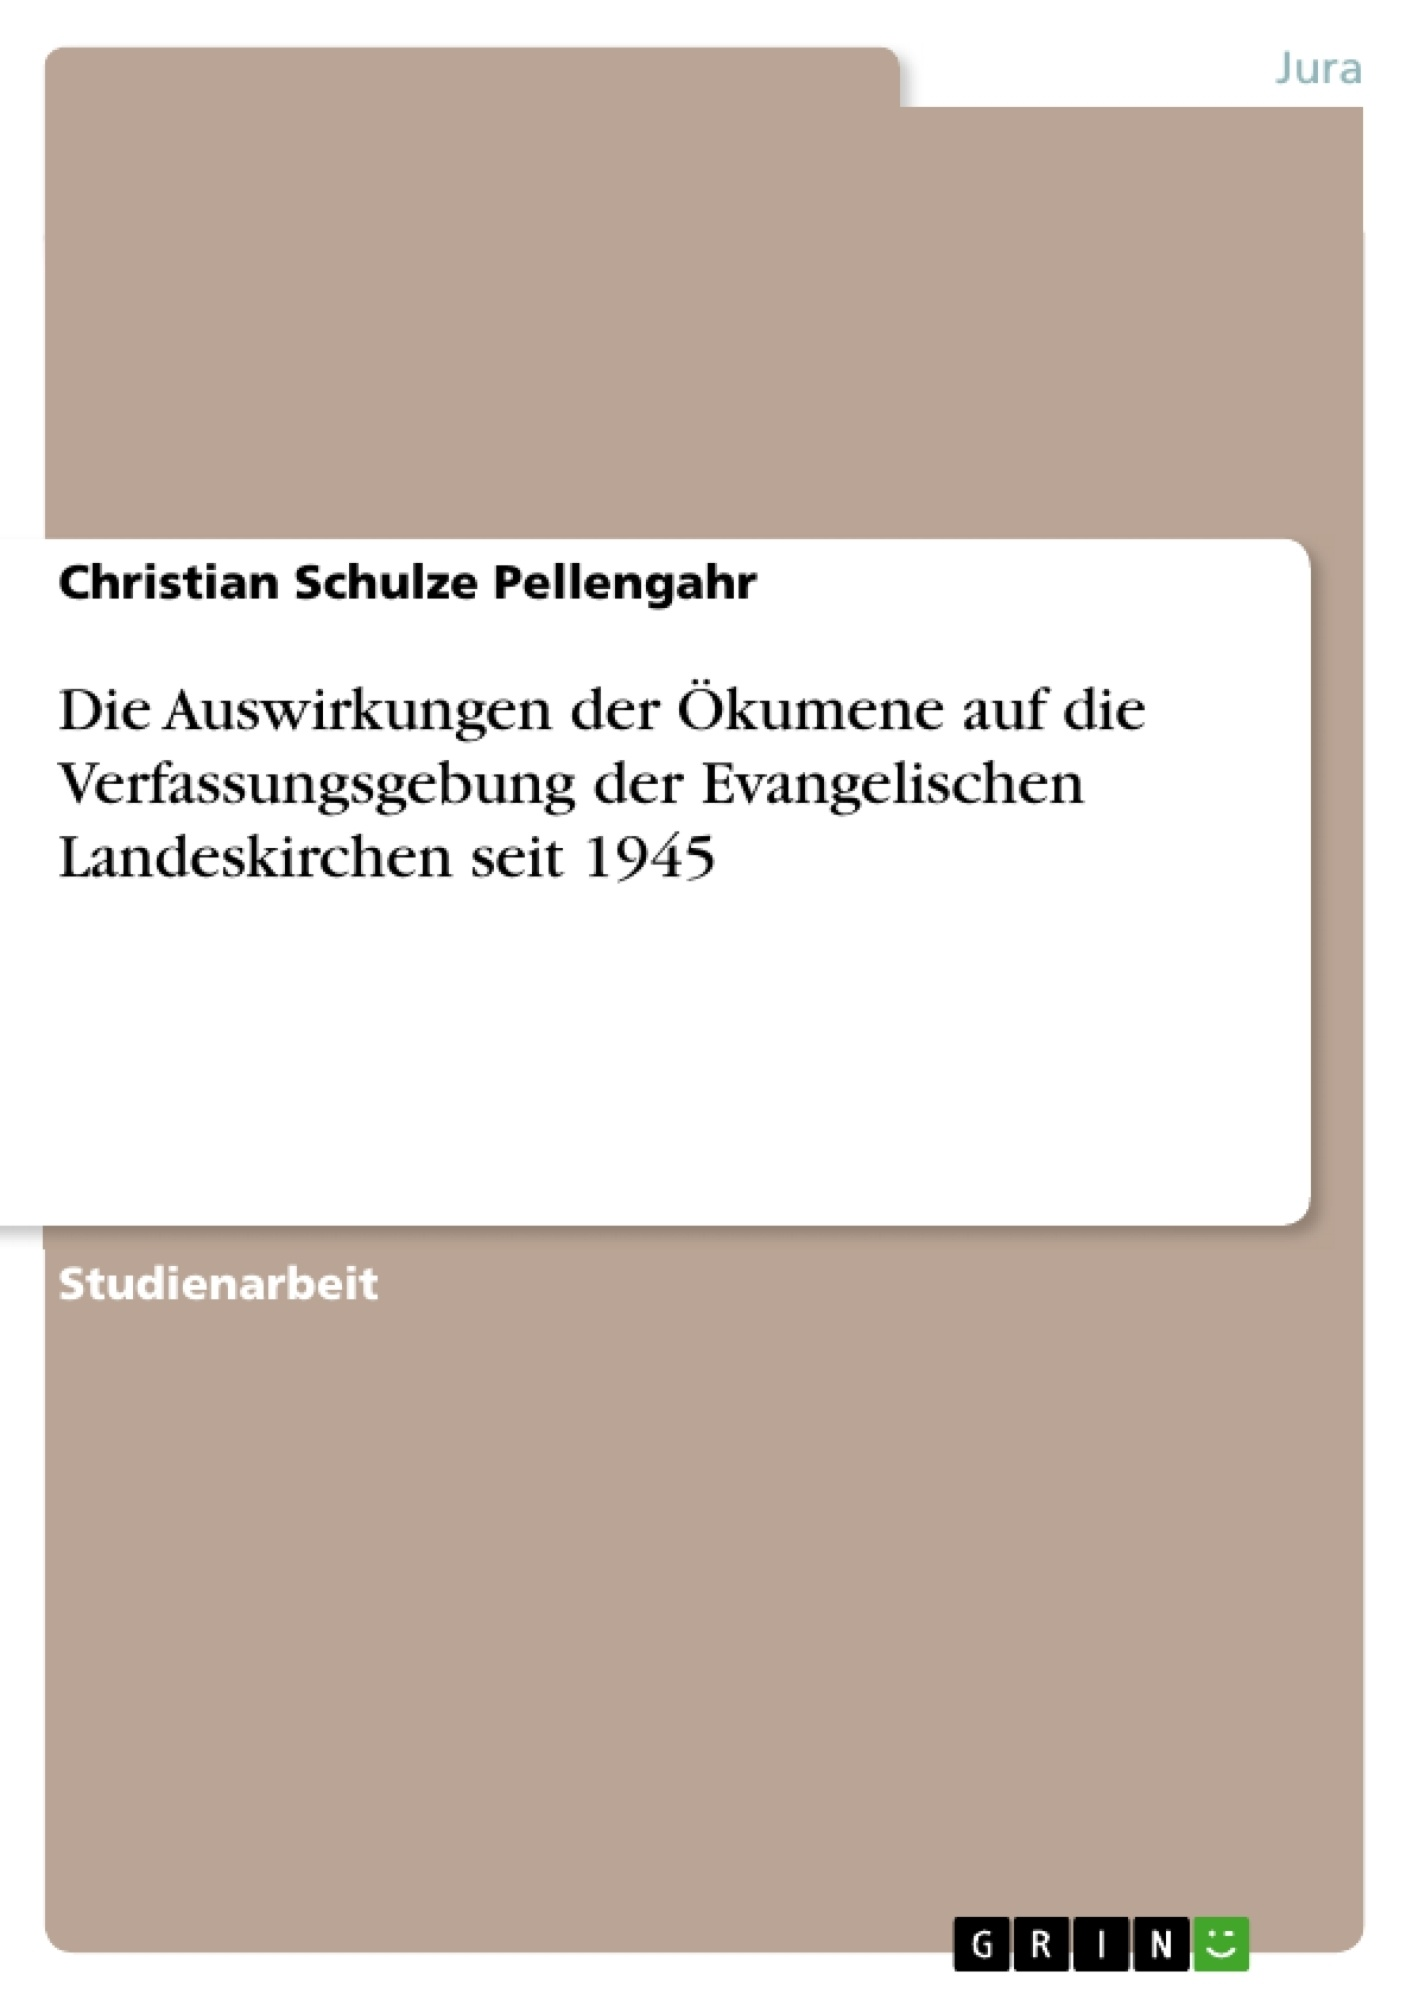 Titel: Die Auswirkungen der Ökumene auf die Verfassungsgebung der Evangelischen Landeskirchen seit 1945